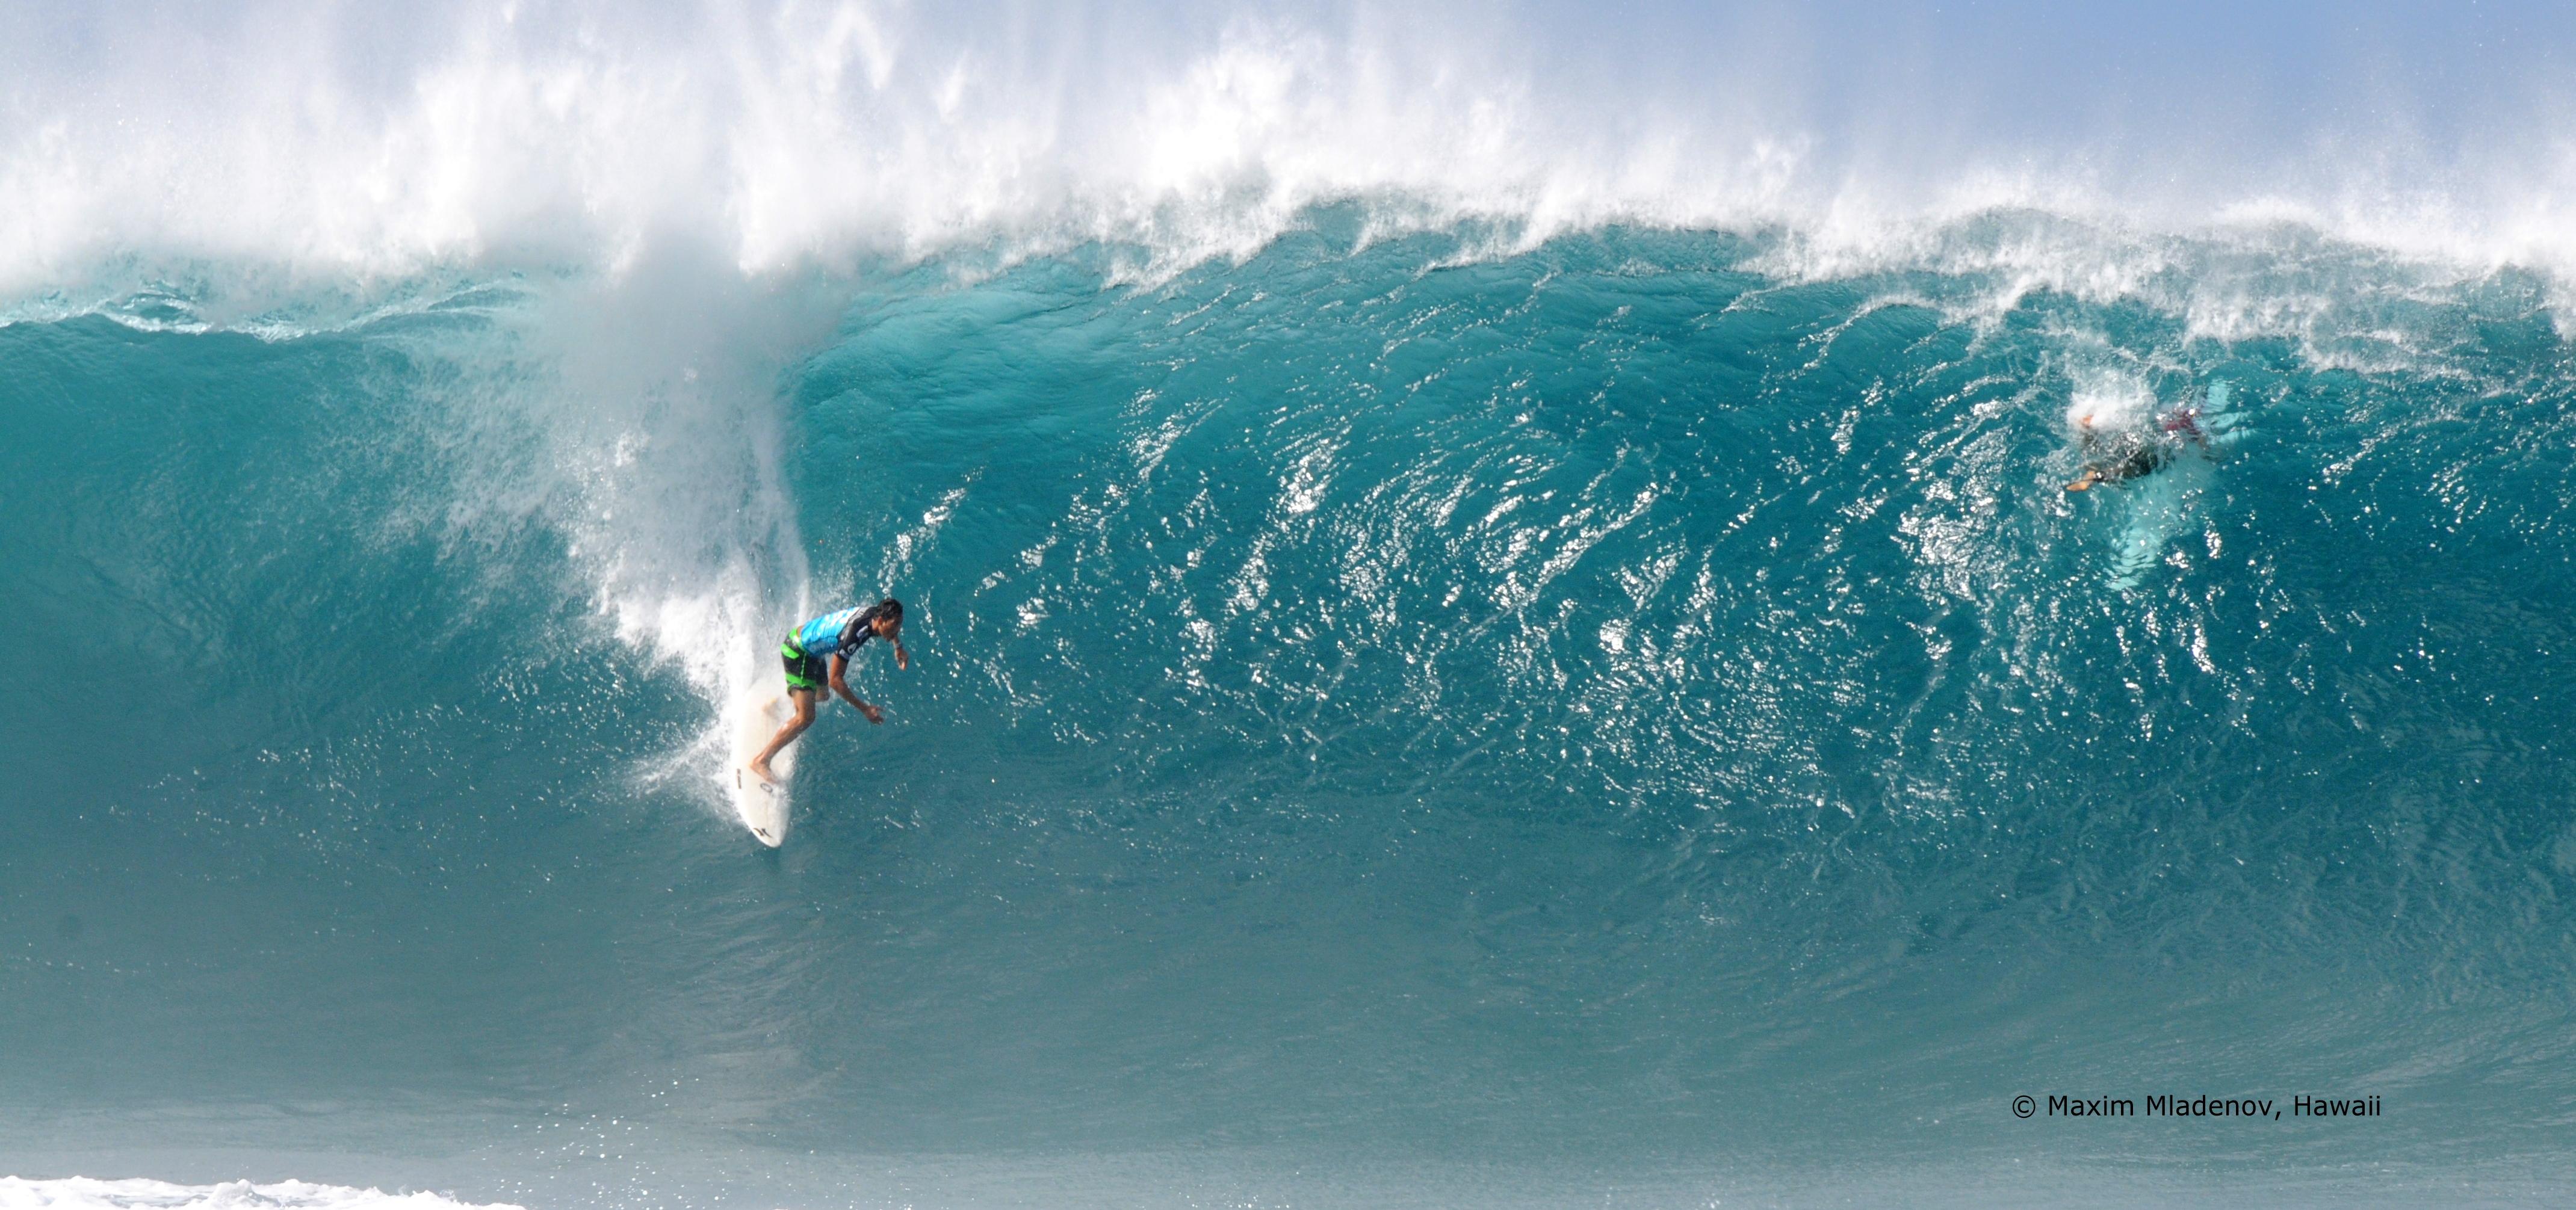 Free Fall - 08-12-2011 Billabong Pipe Masters © Maxim Mladenov, Hawaii